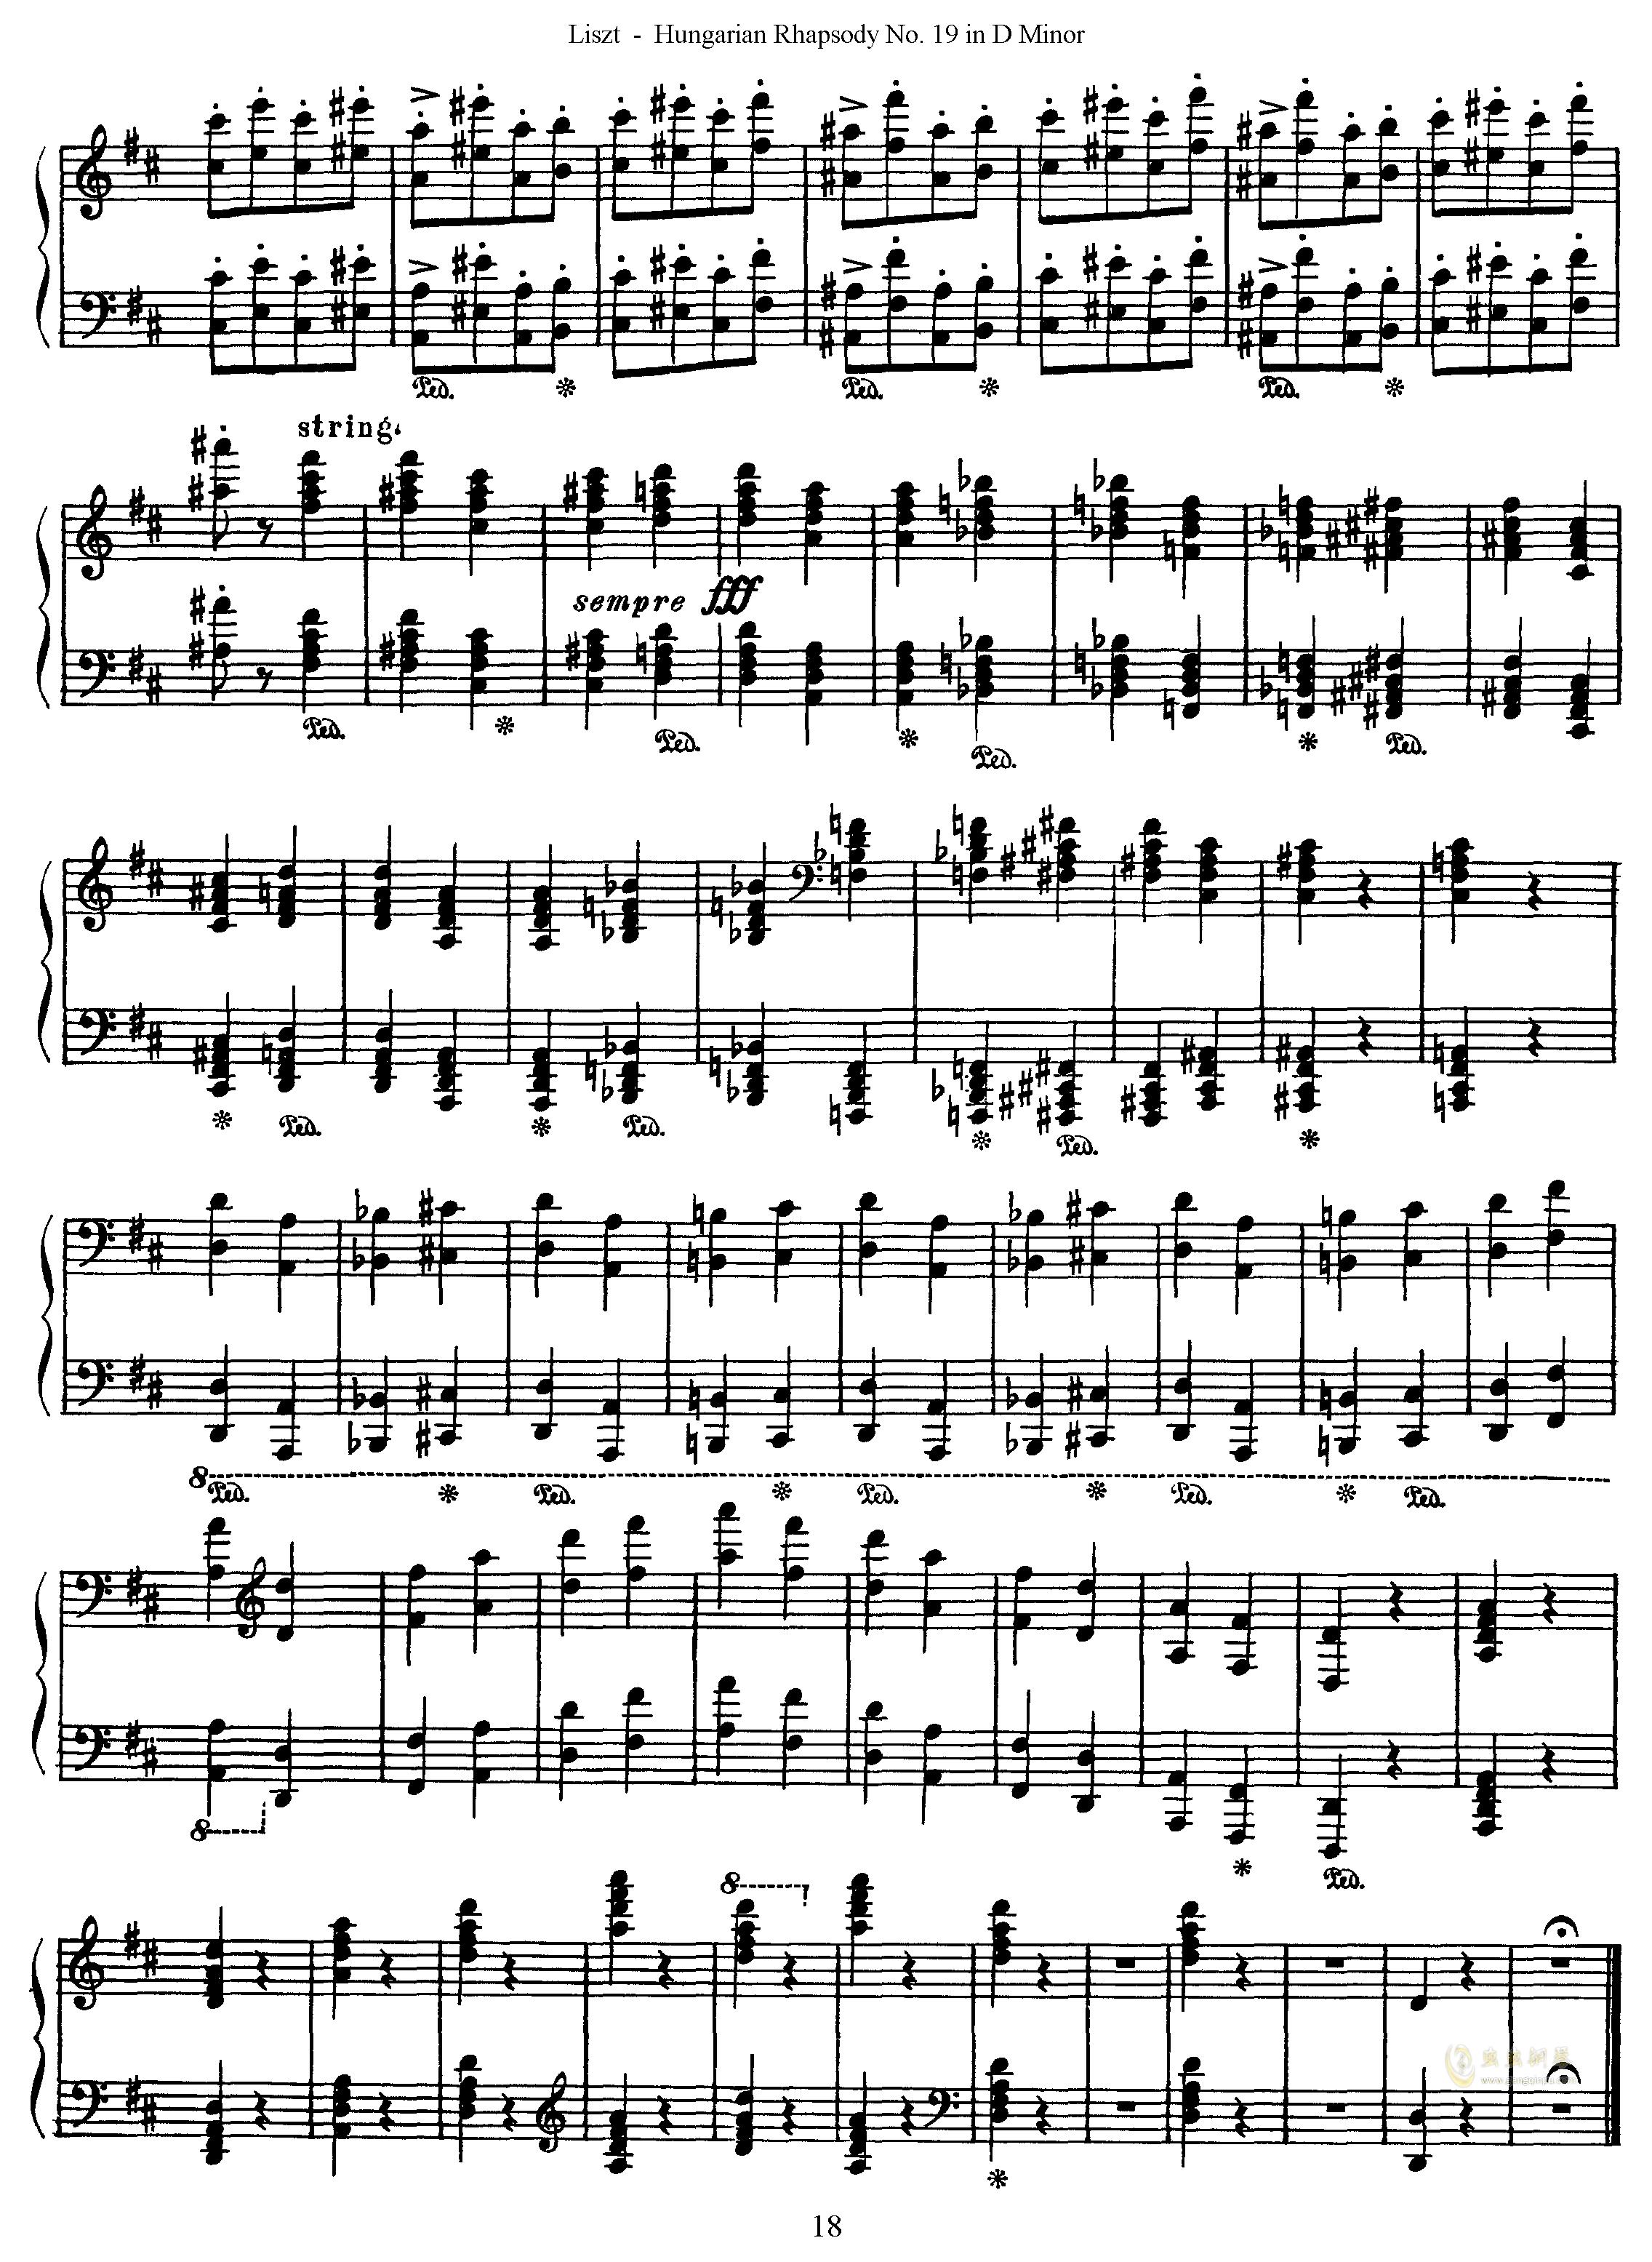 匈牙利狂想曲第19号钢琴谱 第18页